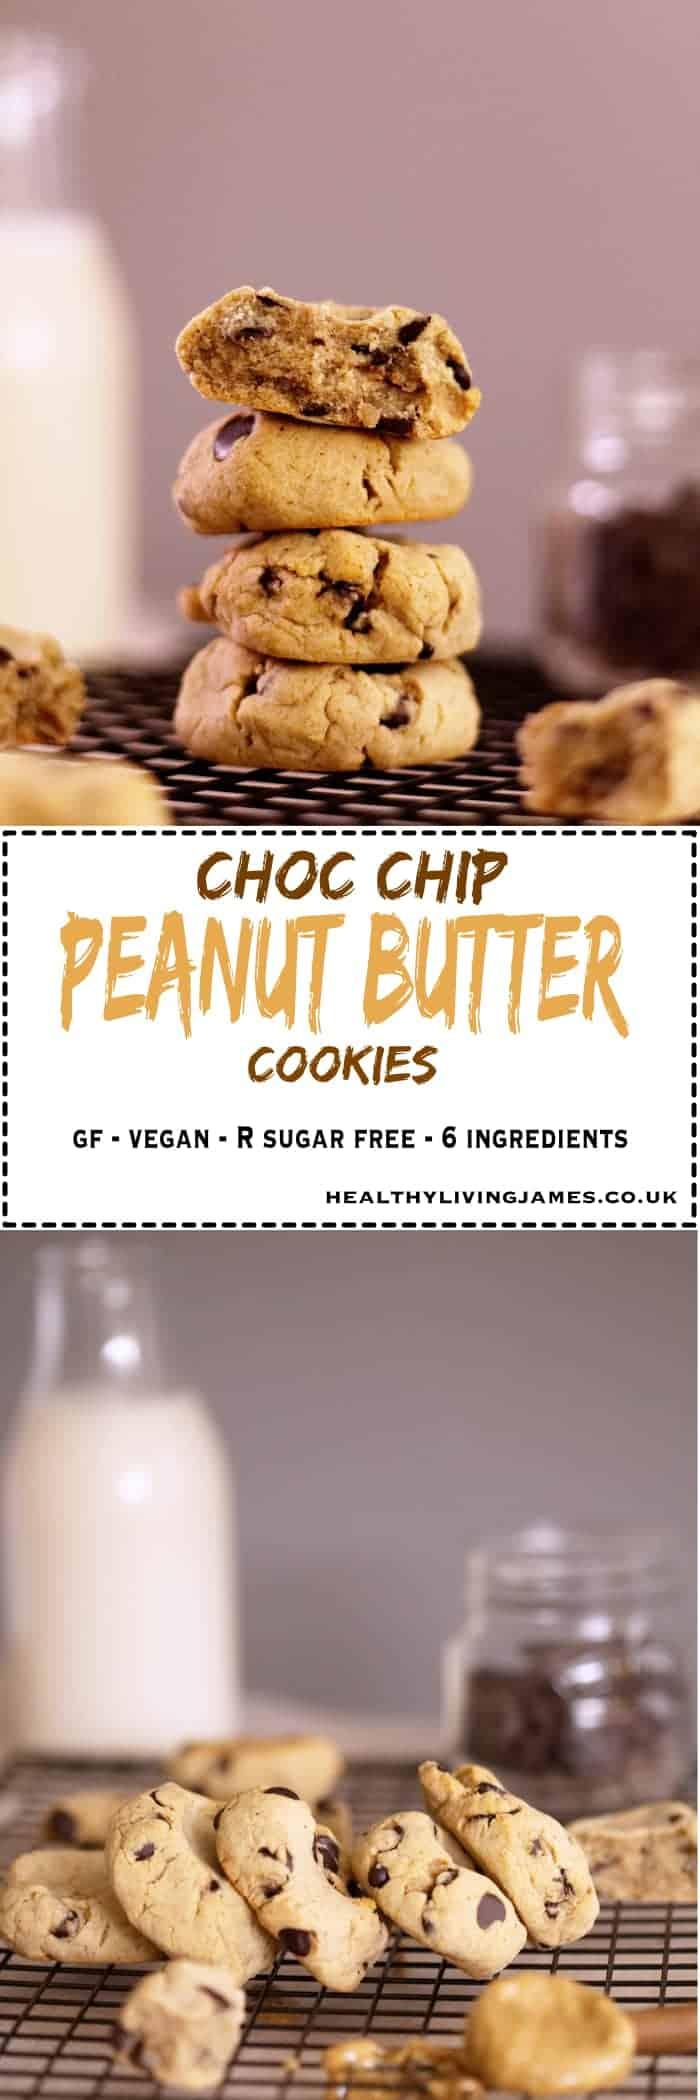 Cookies Pinterest